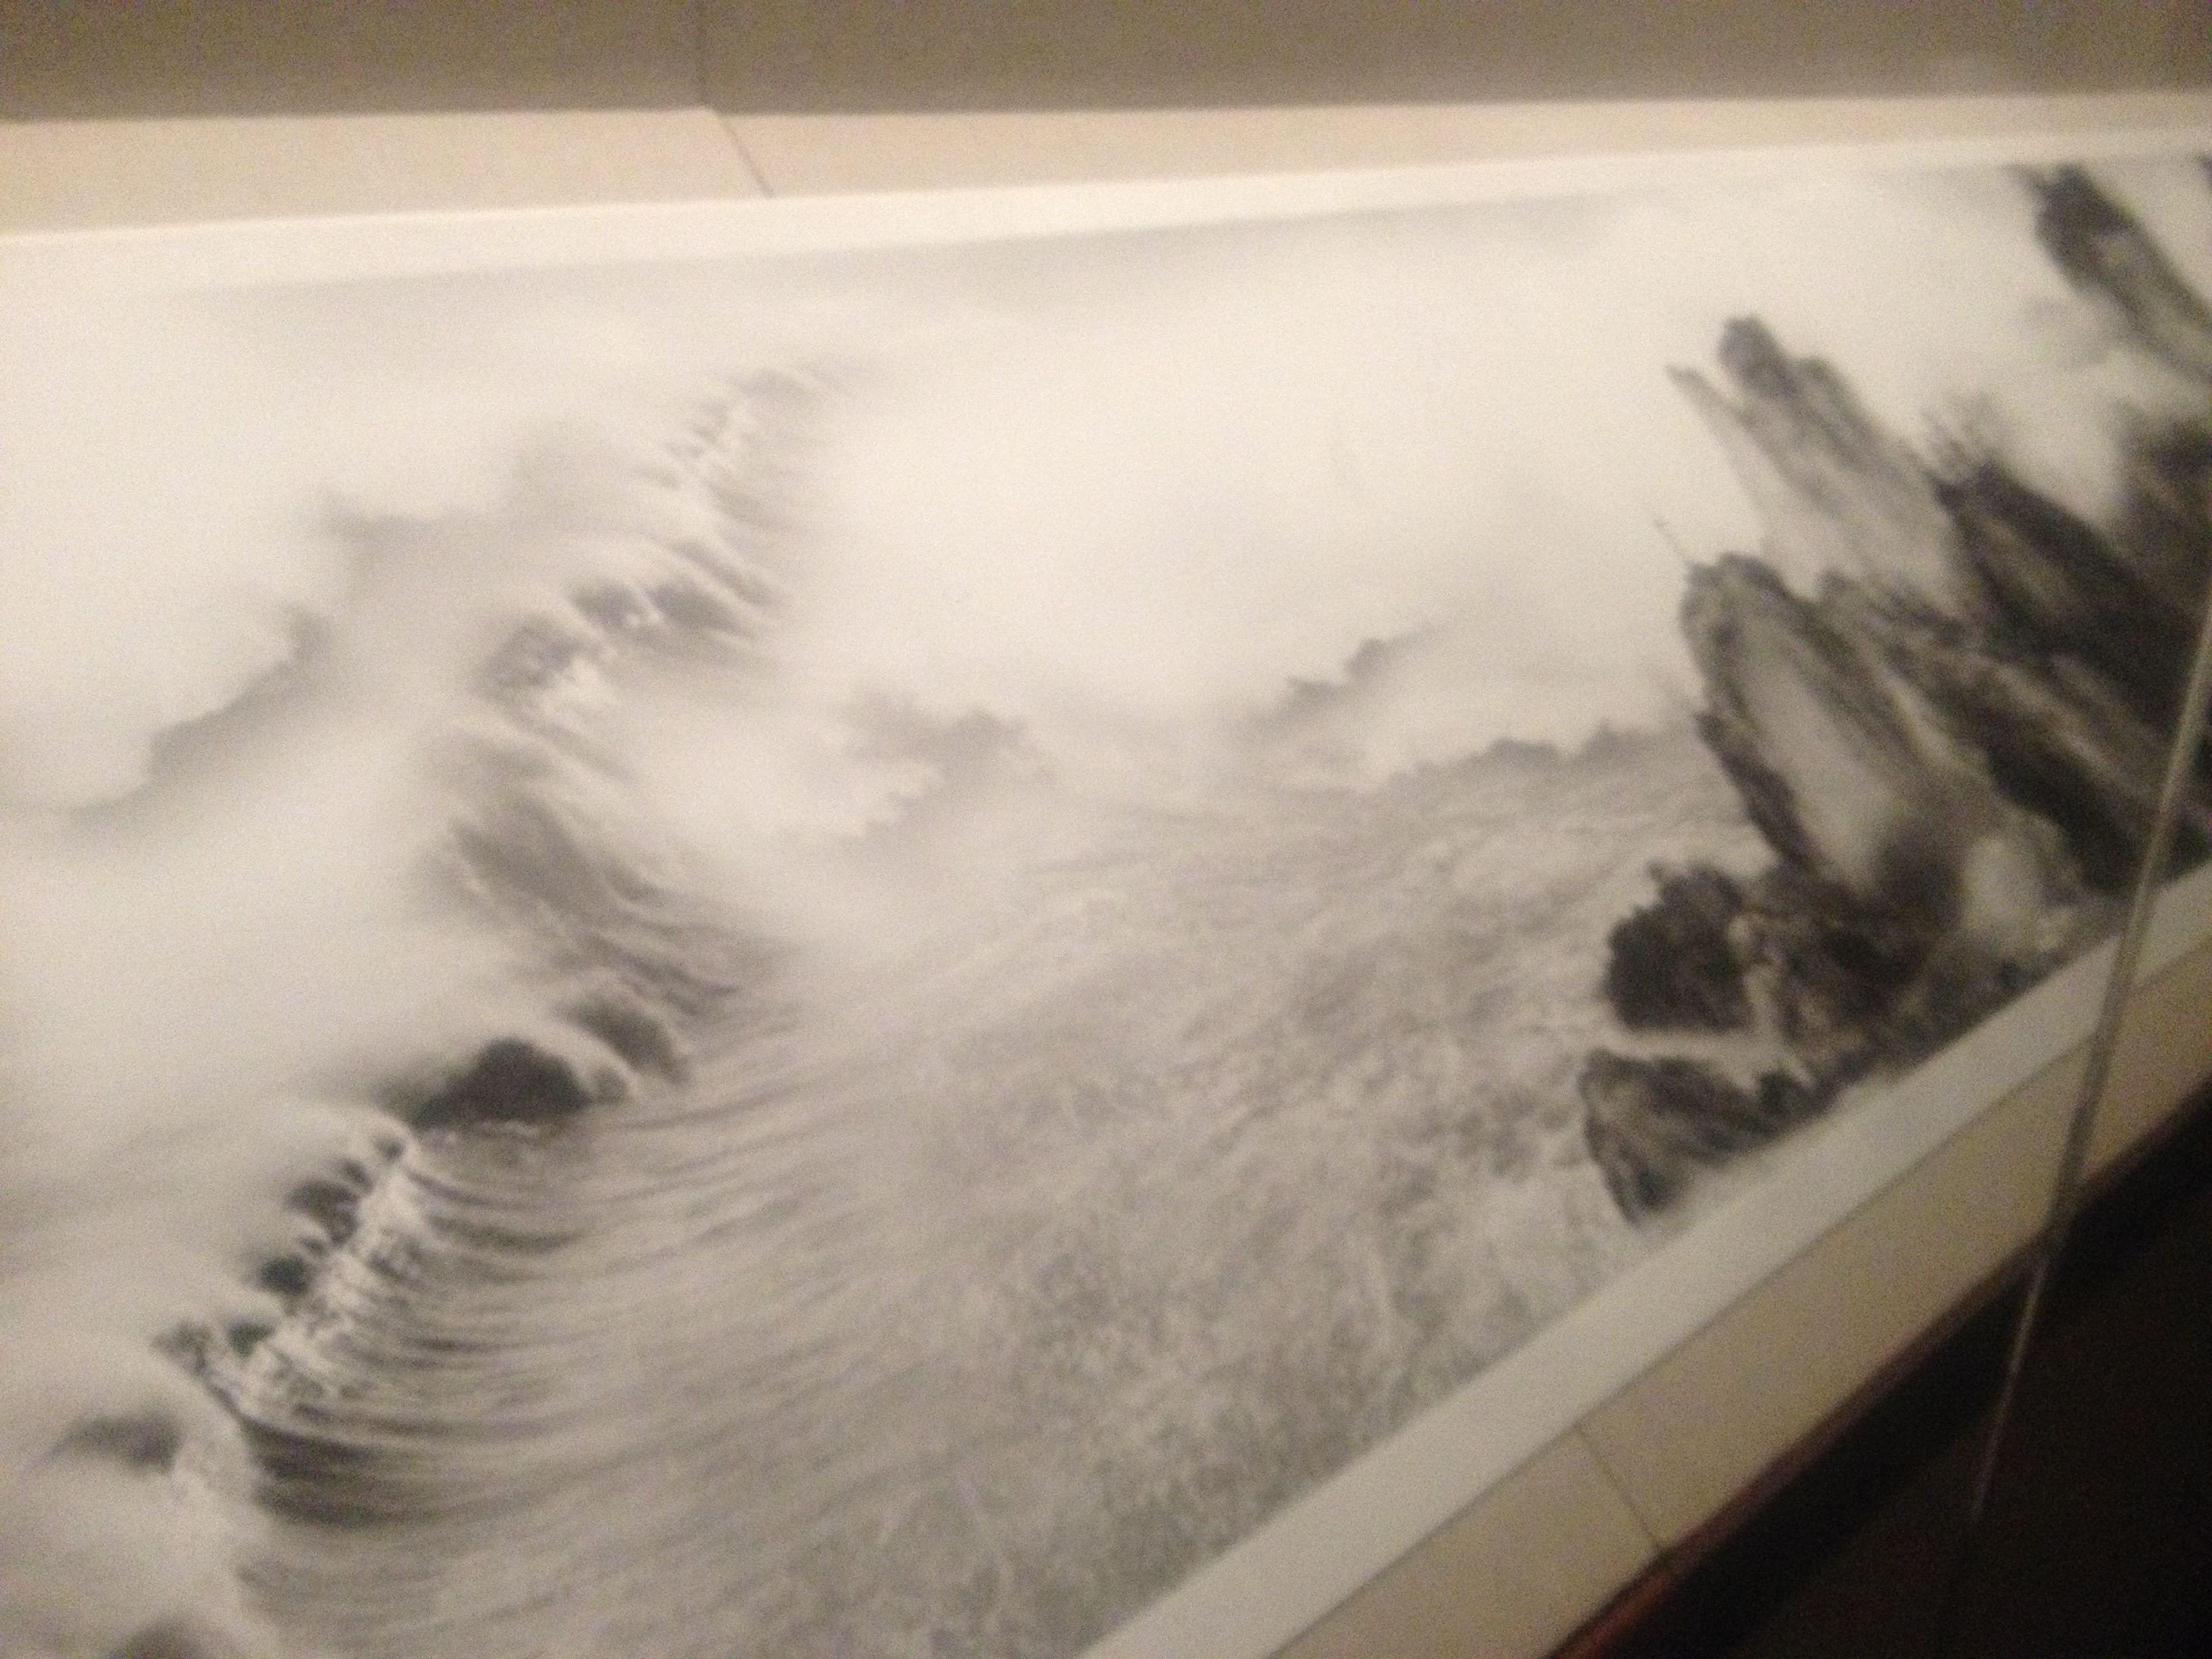 Yang Yongliang View Tide - MET Chinese Ink Exhibit 2014